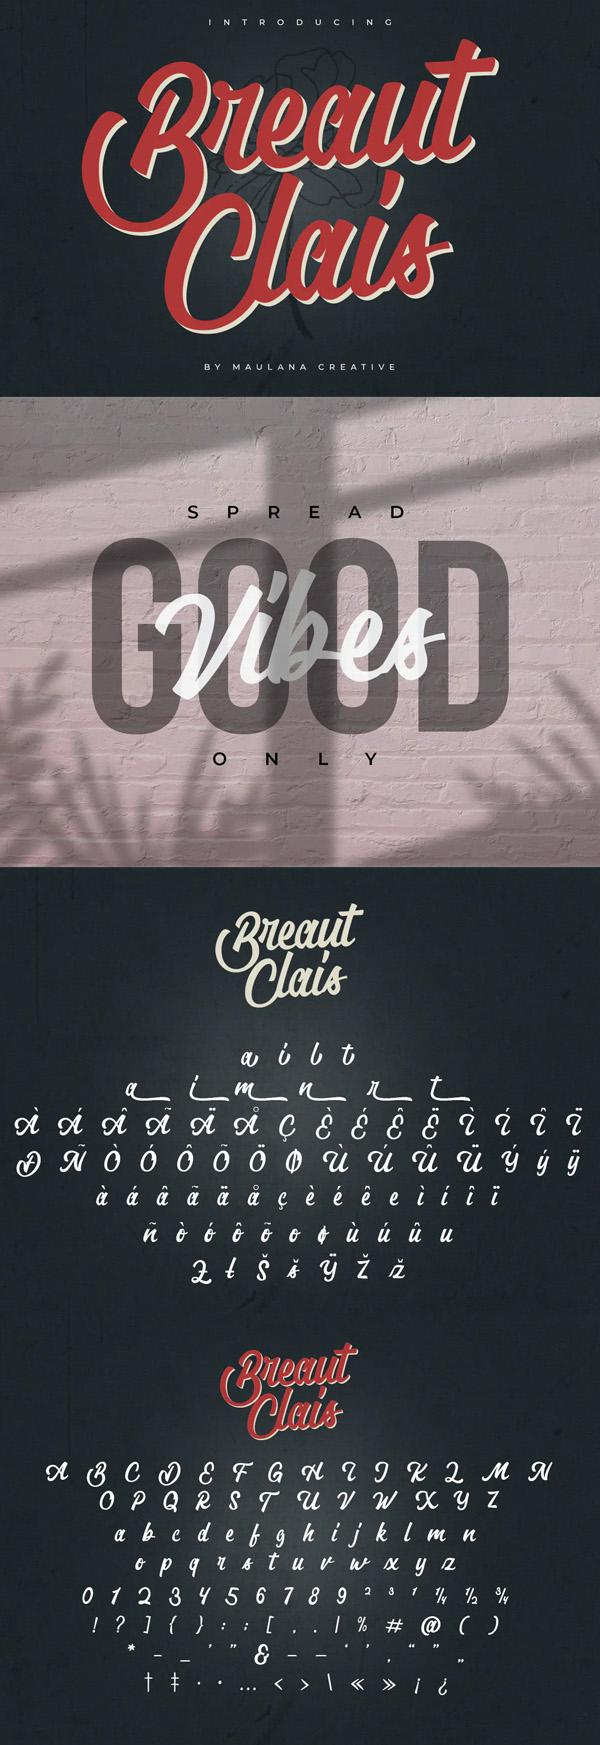 Breaut Clais Vintage Script Font